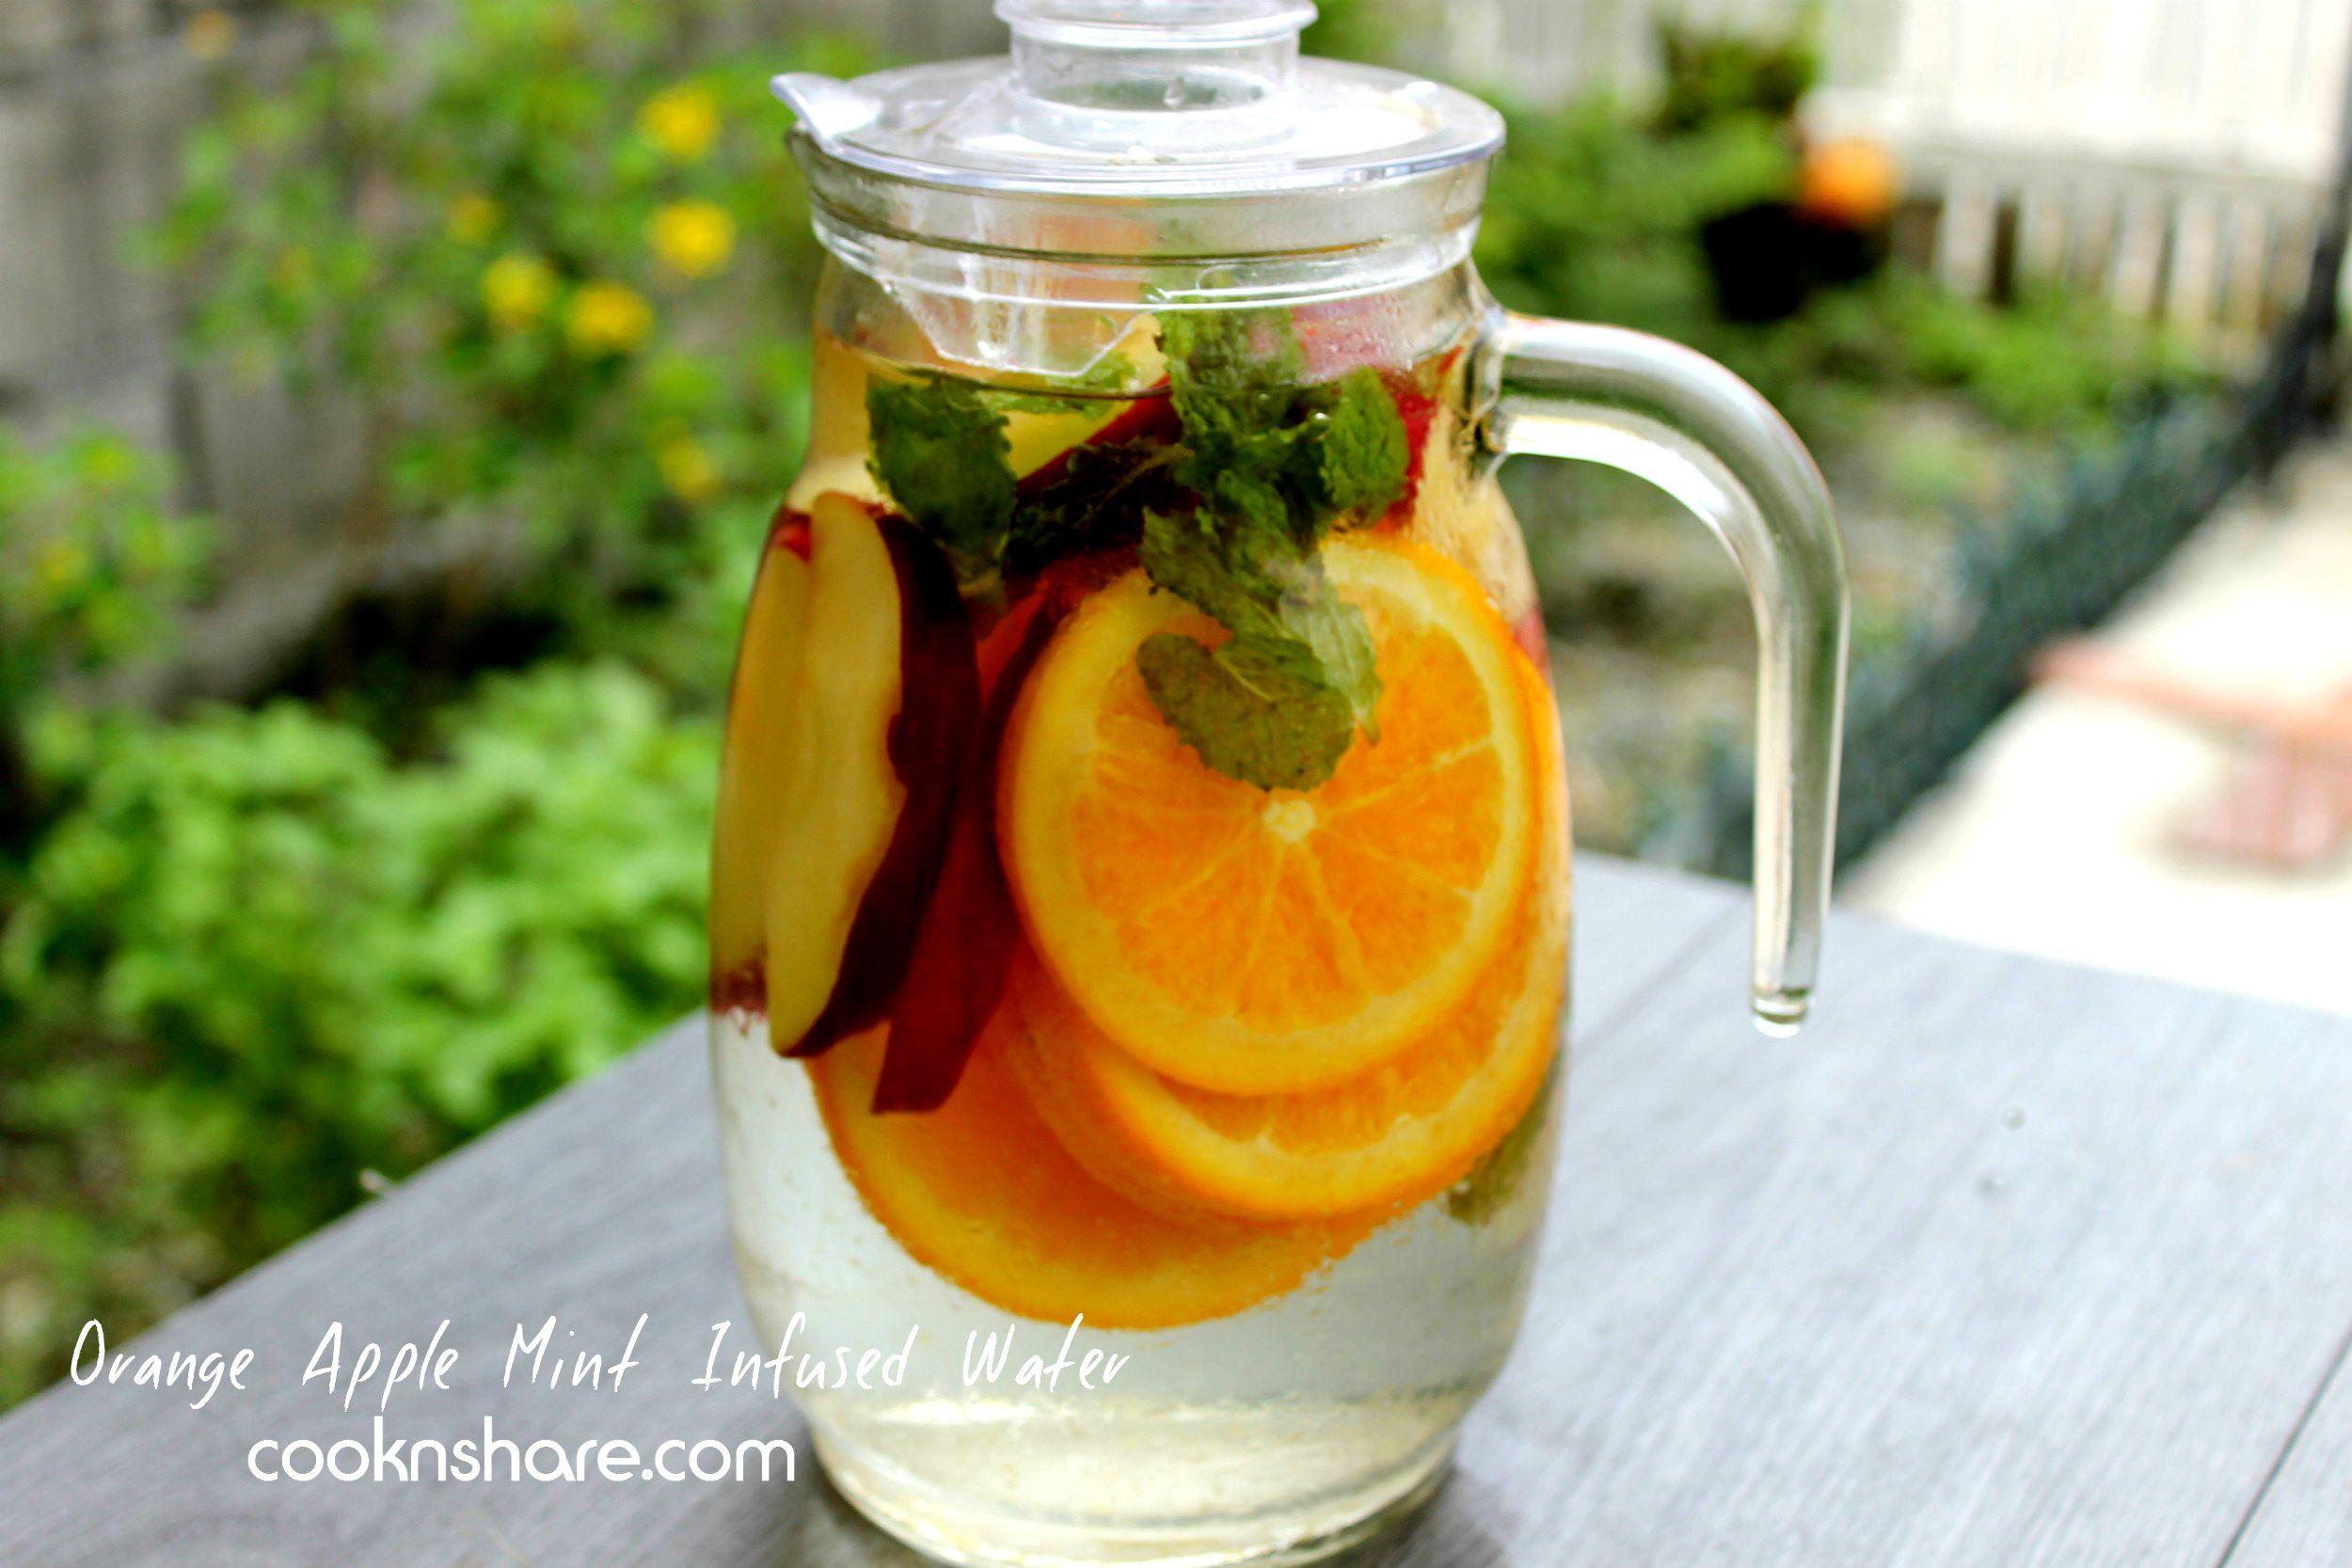 orange apple infsued water